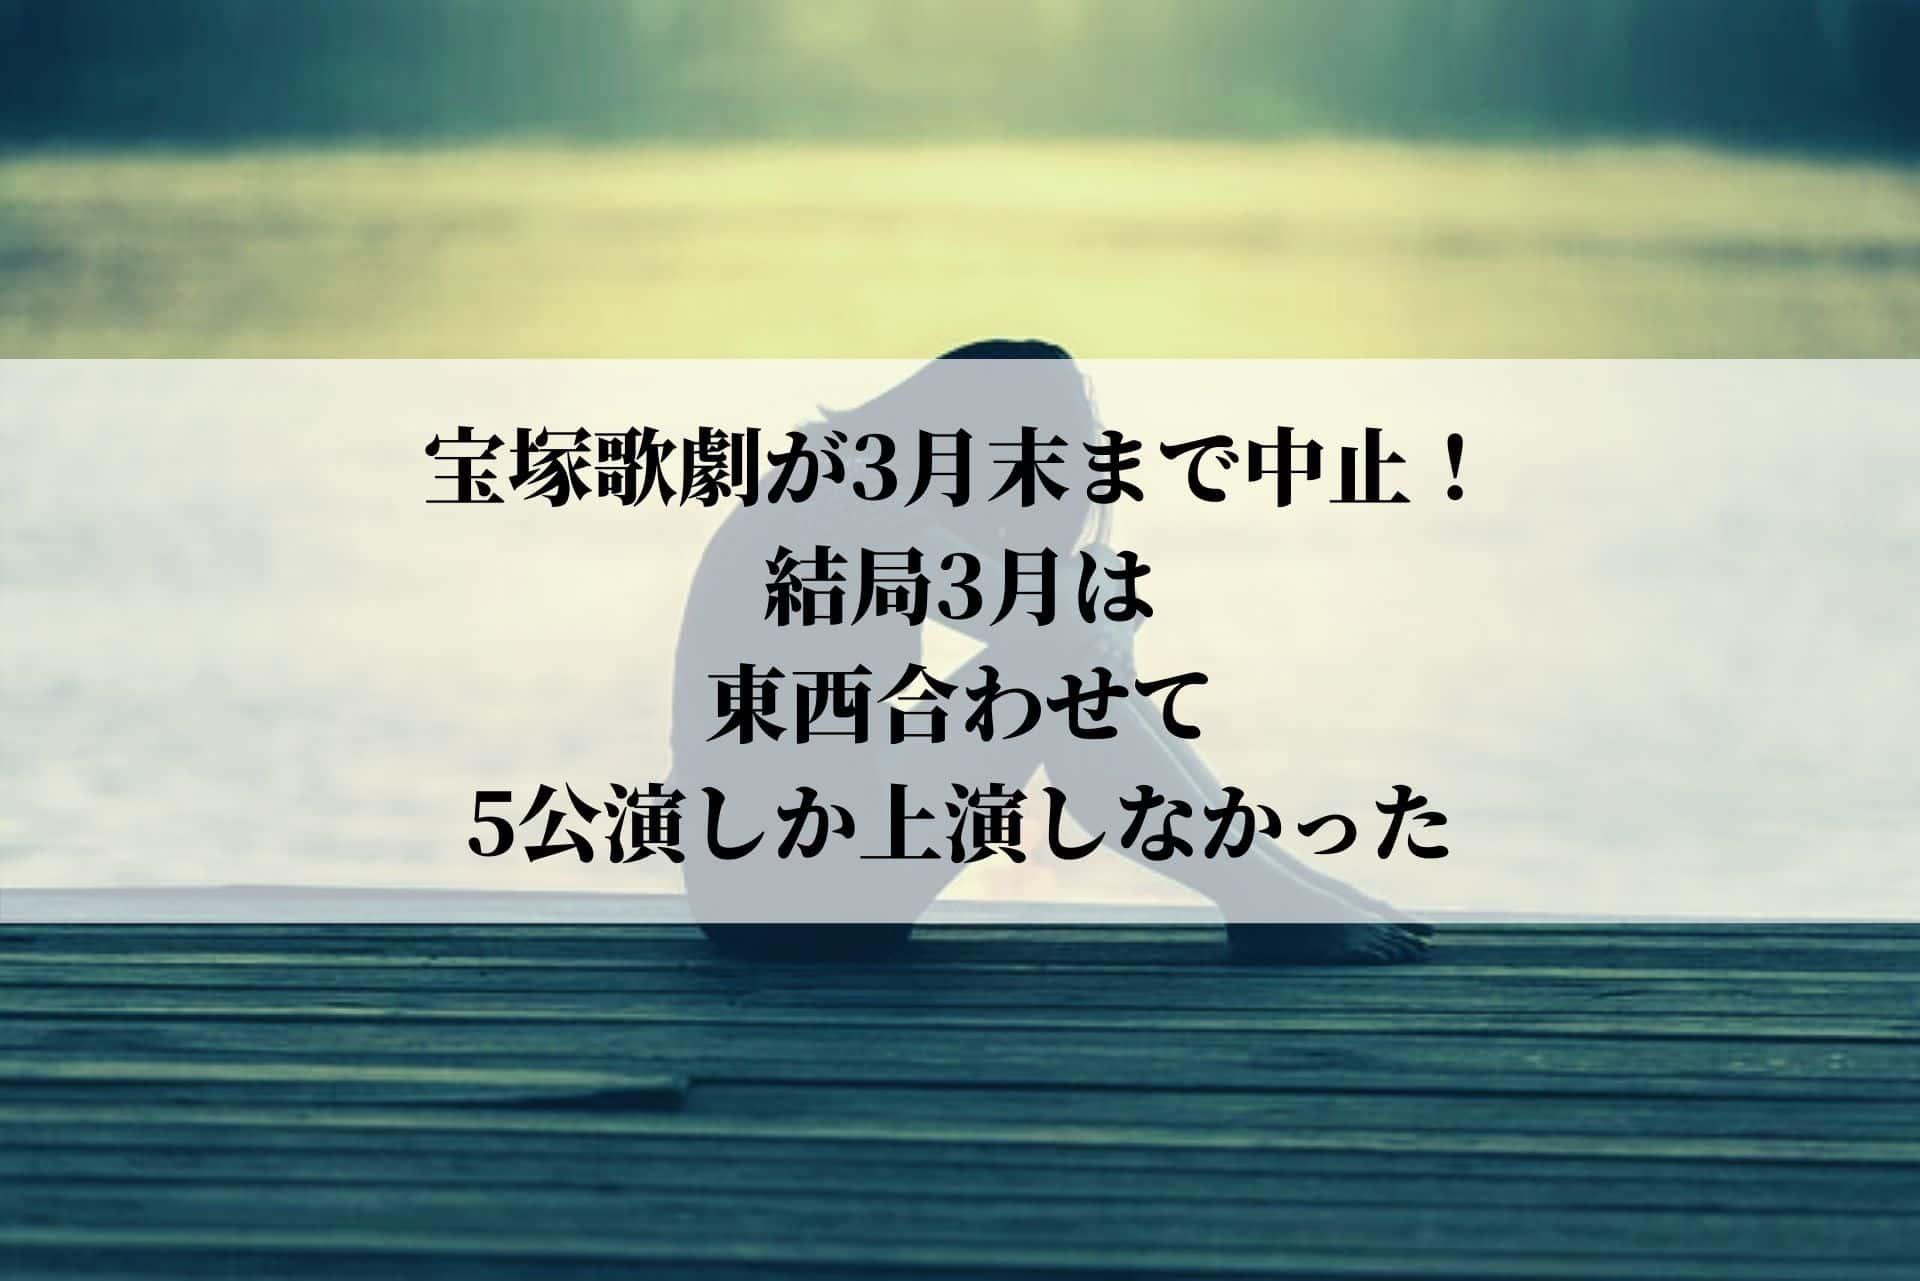 宝塚歌劇の公演が3月末まで中止!結局3月は東西合わせて5公演しか上演しなかった